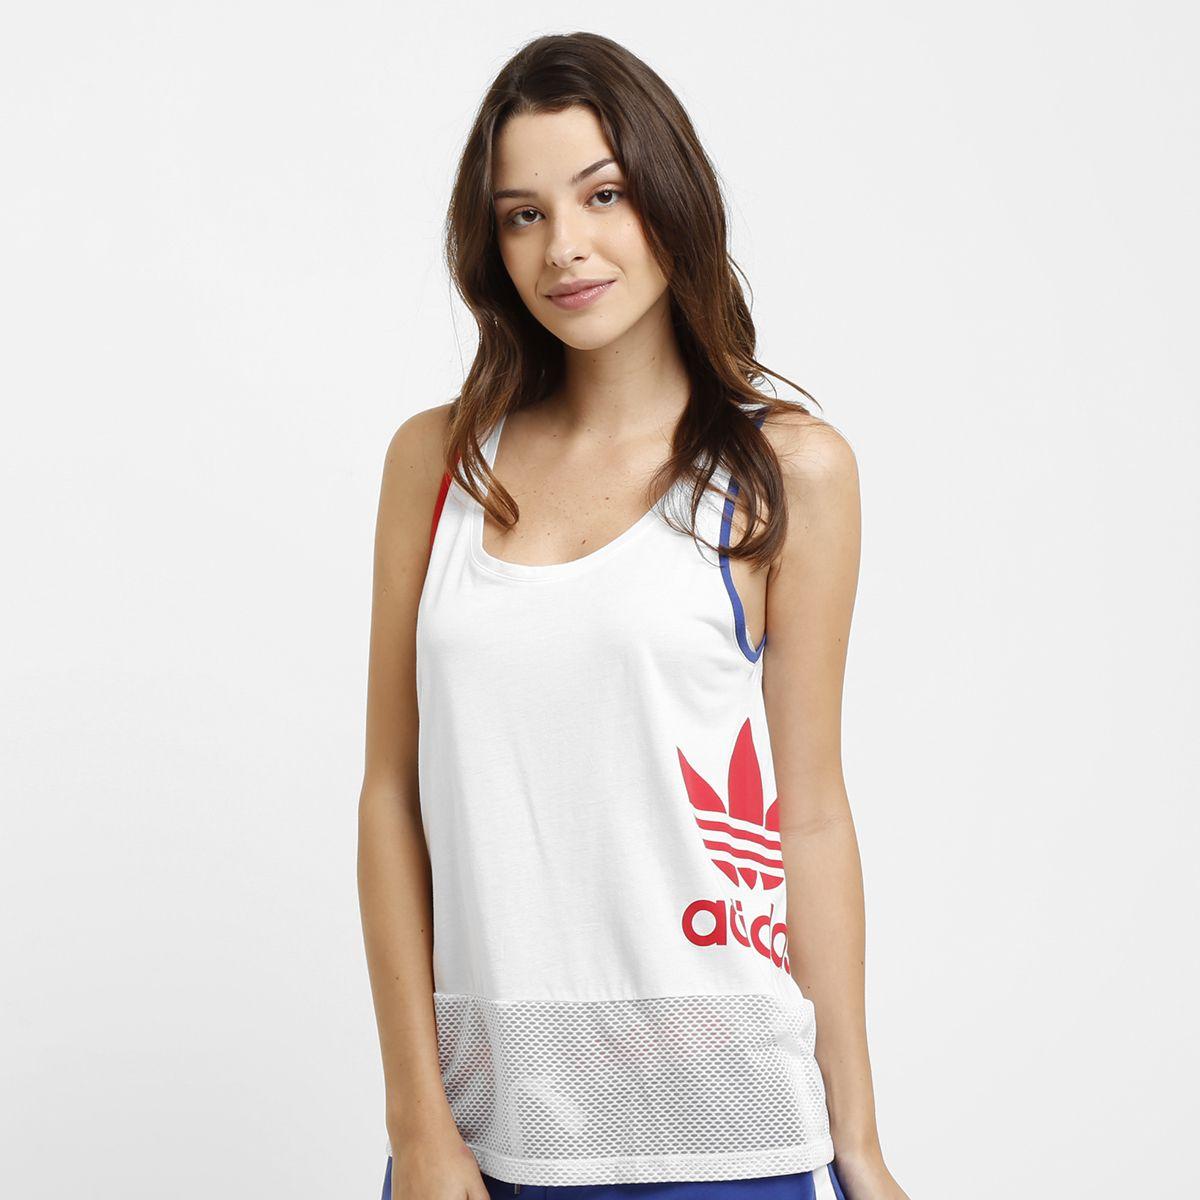 60aa8f077216a Camiseta Regata Adidas Originals La Logo Top - Branco